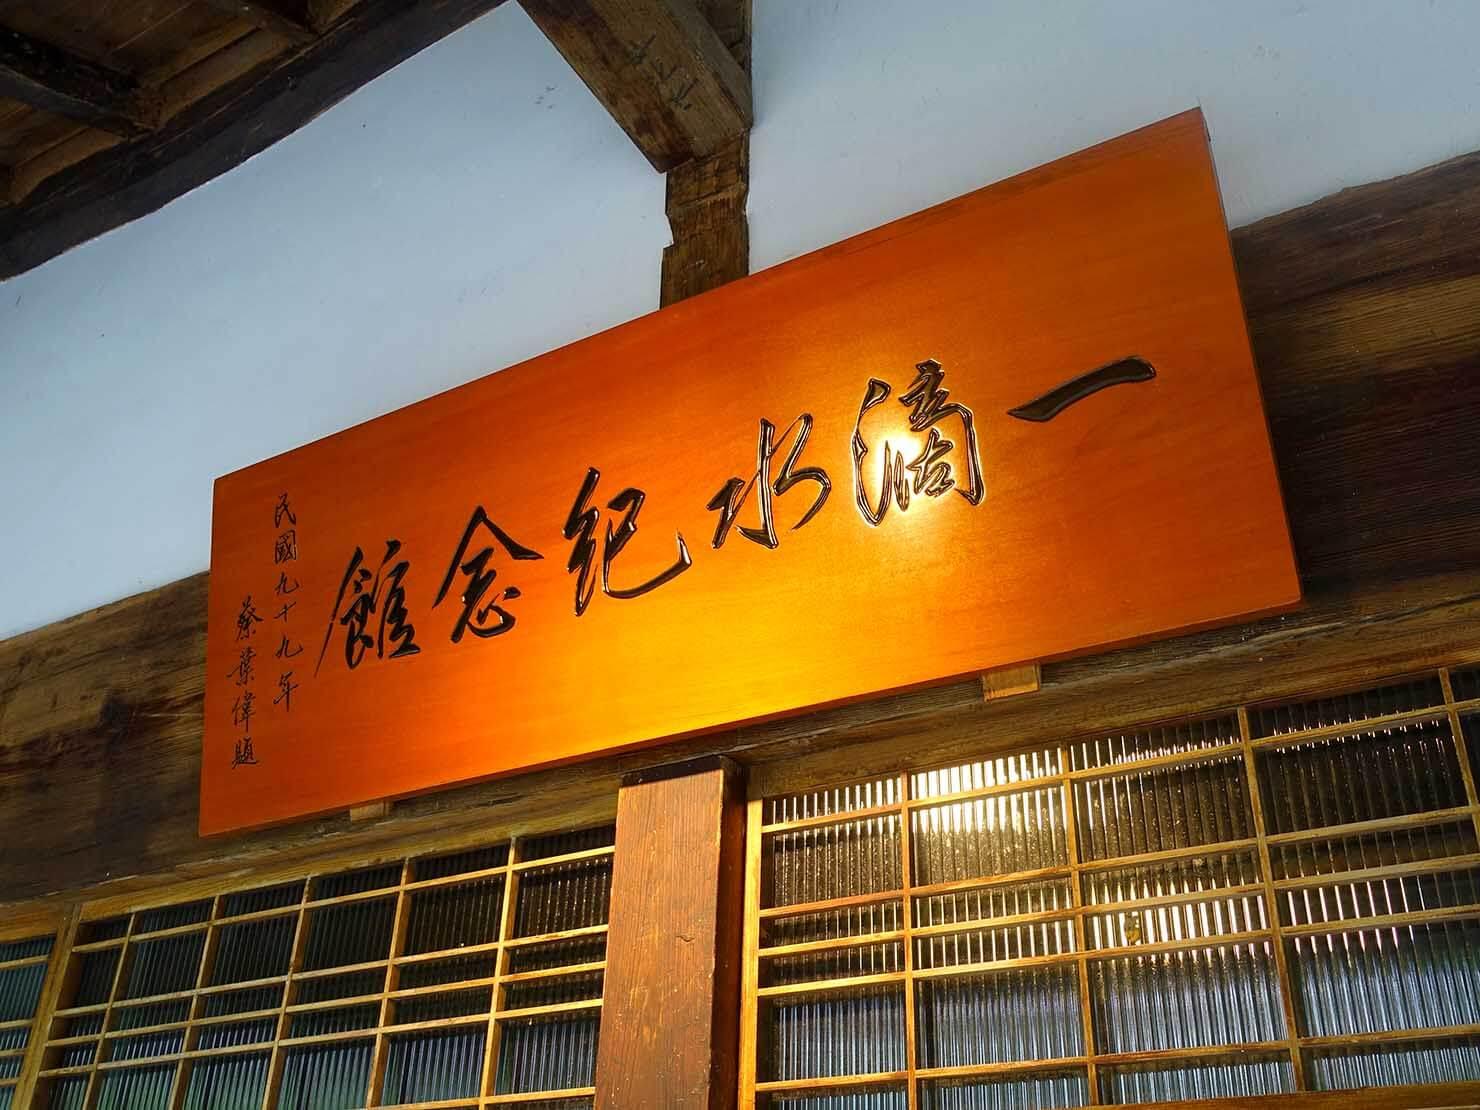 台北・淡水のおすすスポット「一滴水紀念館」の表札